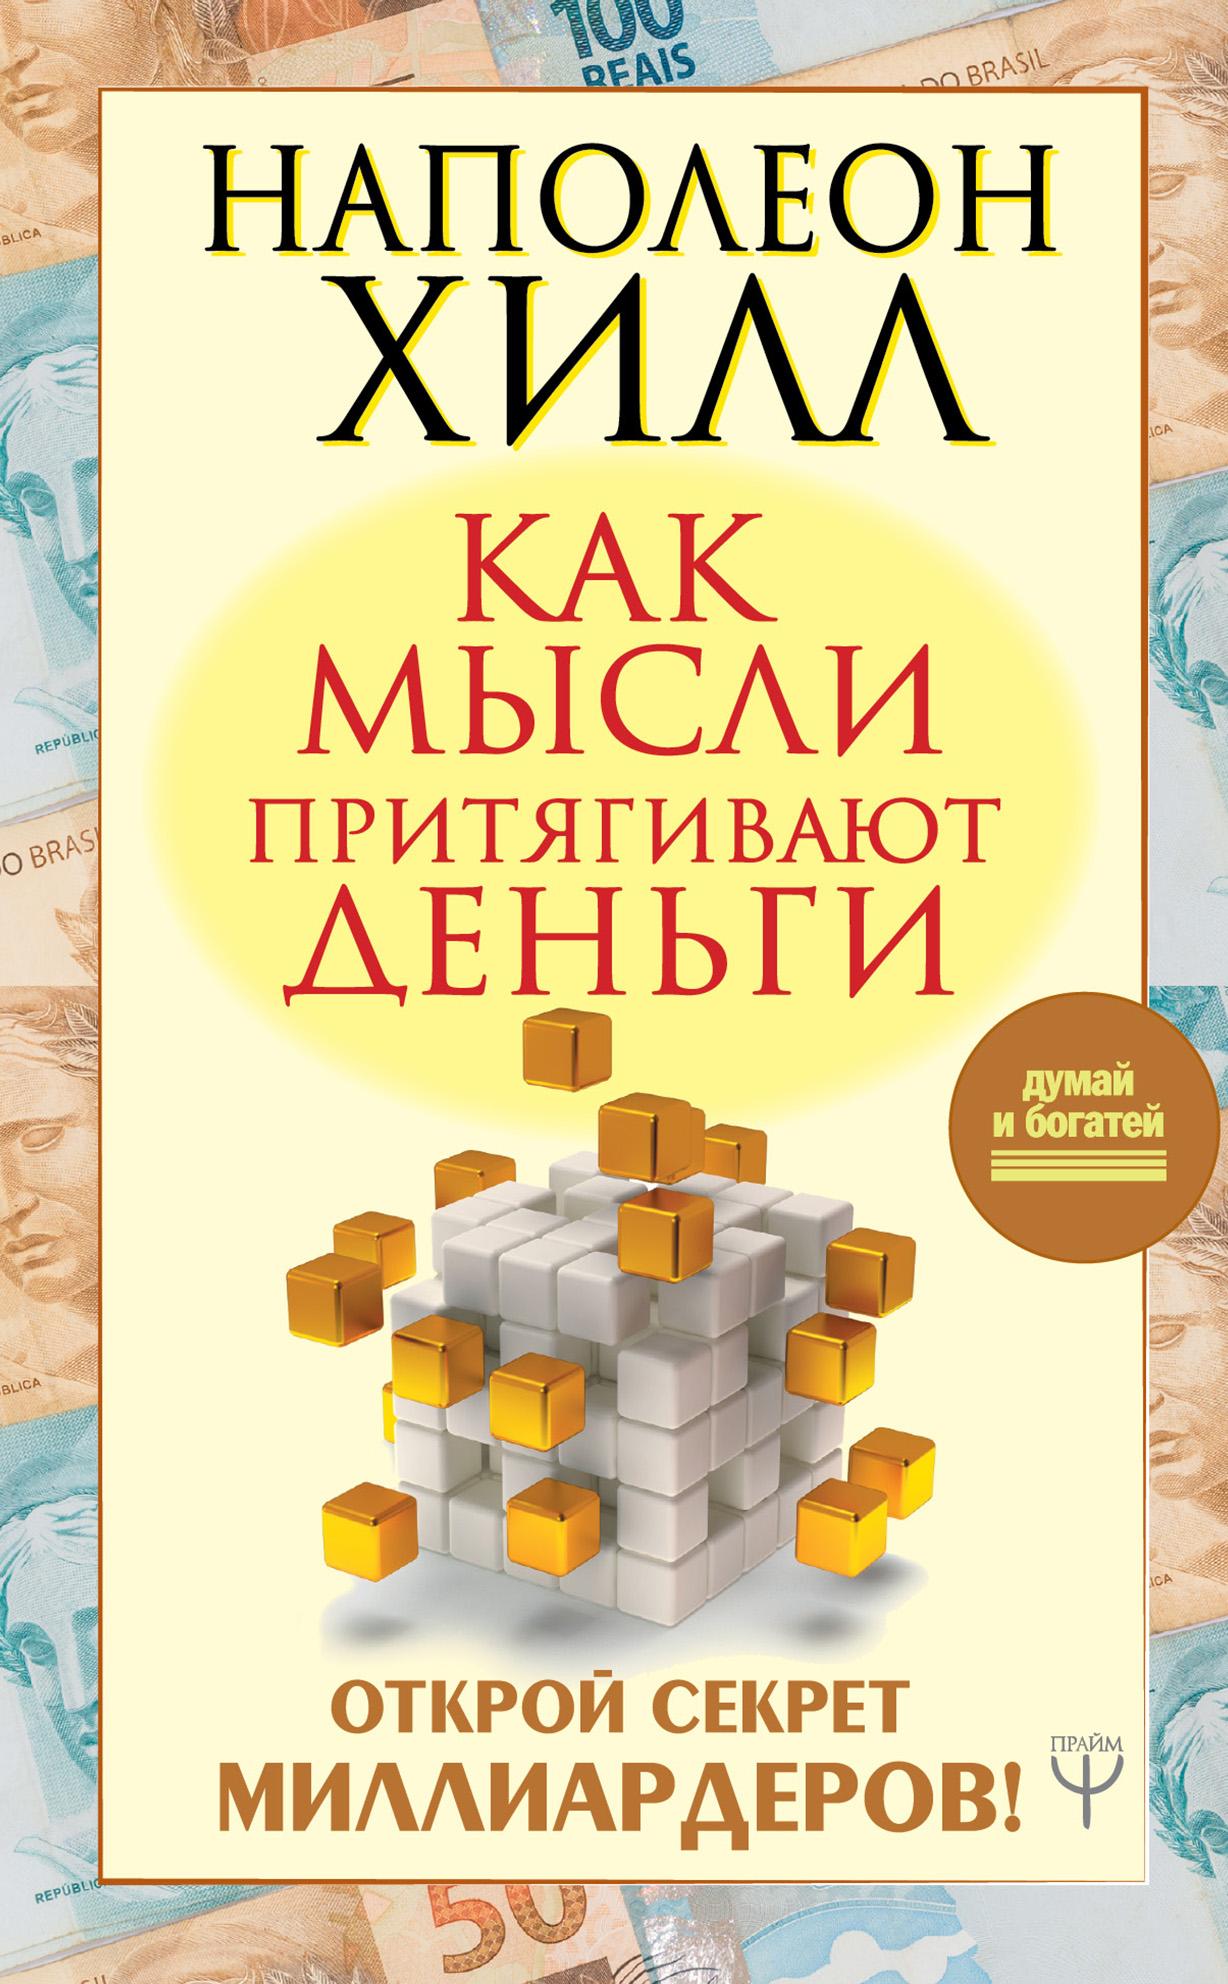 Наполеон Хилл «Как мысли притягивают деньги. Открой секрет миллиардеров!»